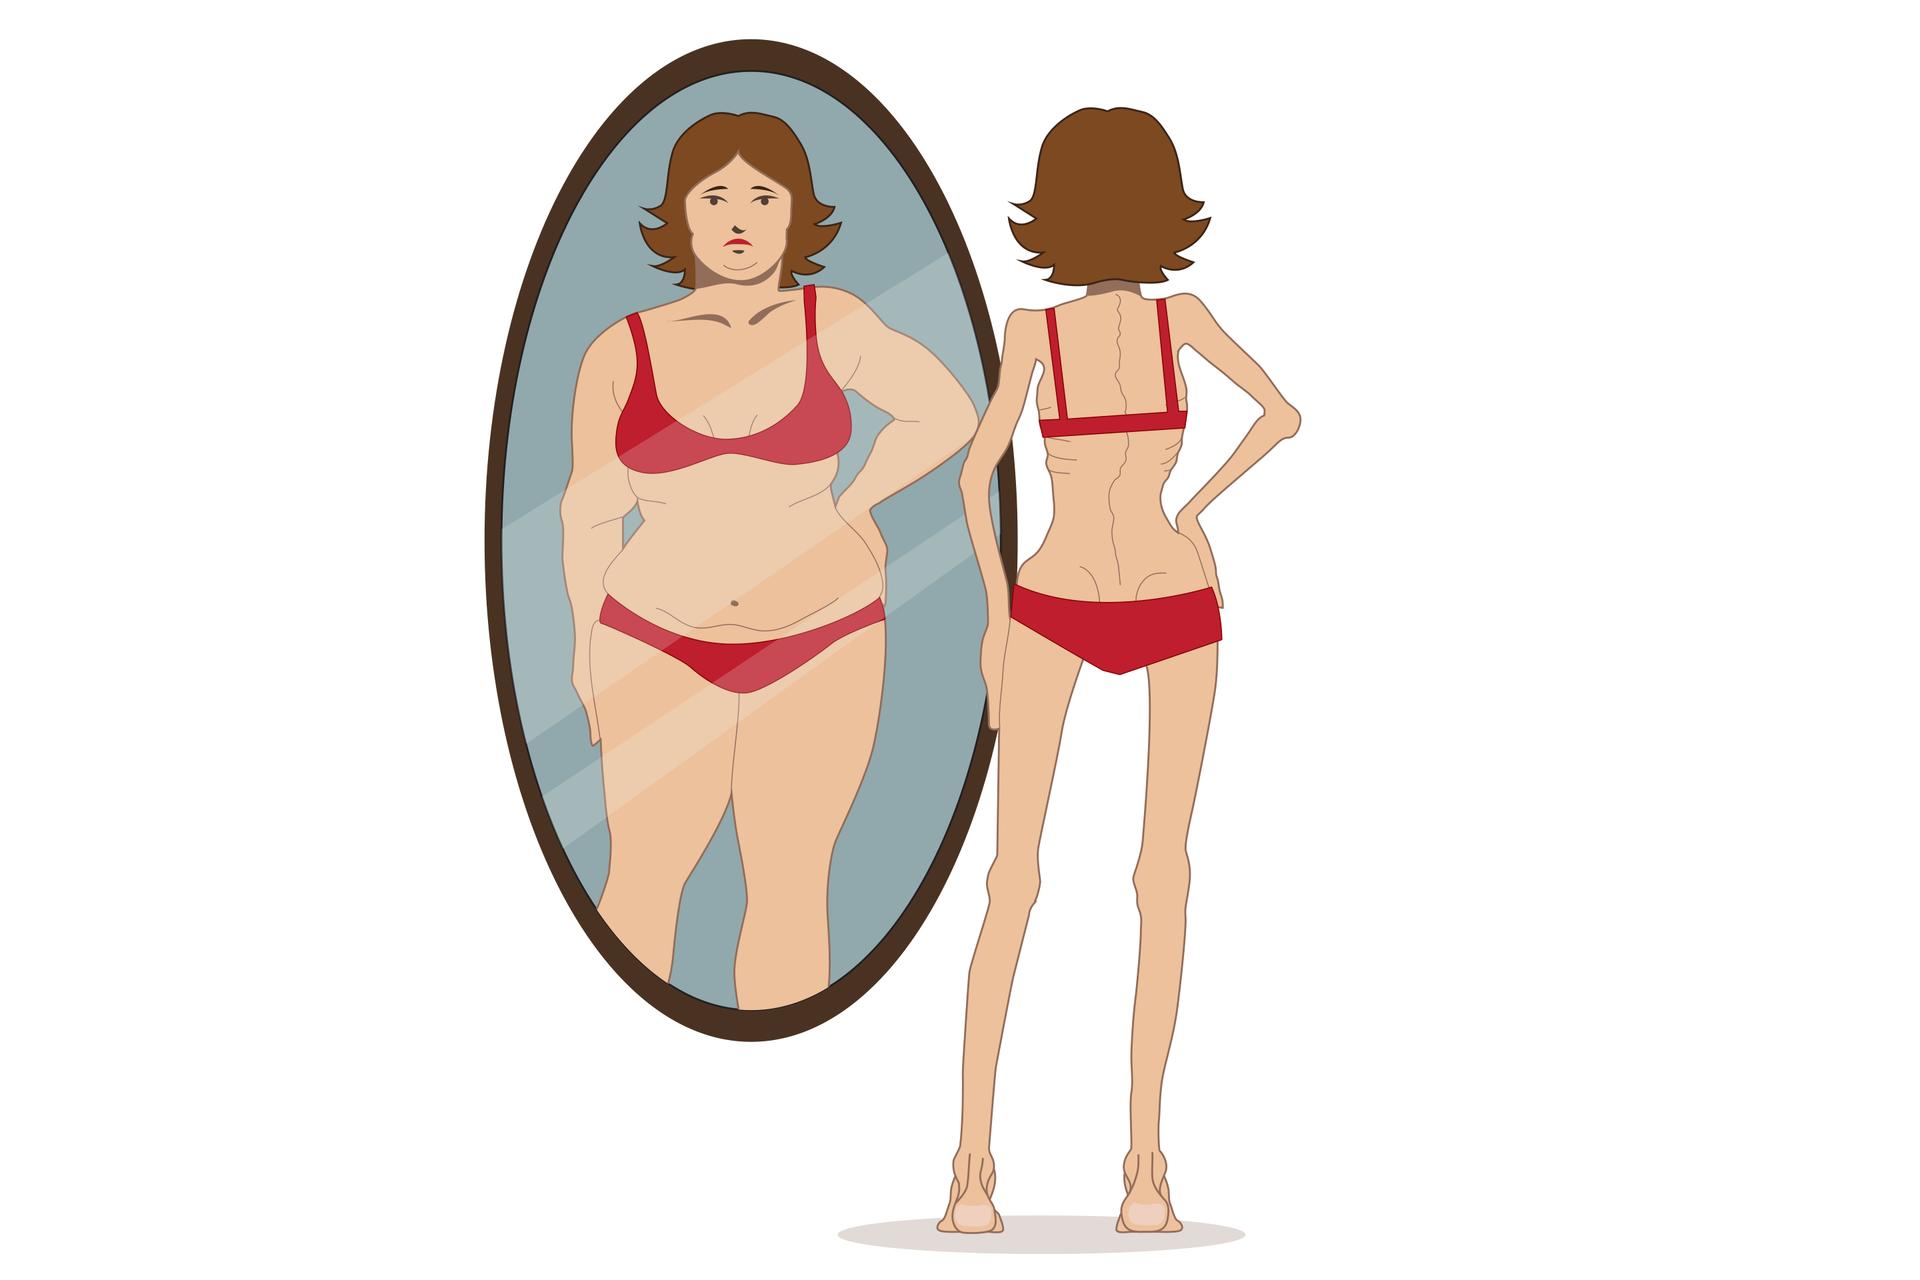 Ilustracja przedstawia chudą dziewczynę zbrązowymi włosami iwczerwonym bikini przed lustrem. Wlustrze fałszywy obraz otyłej dziewczyny. Ma smutną minę.